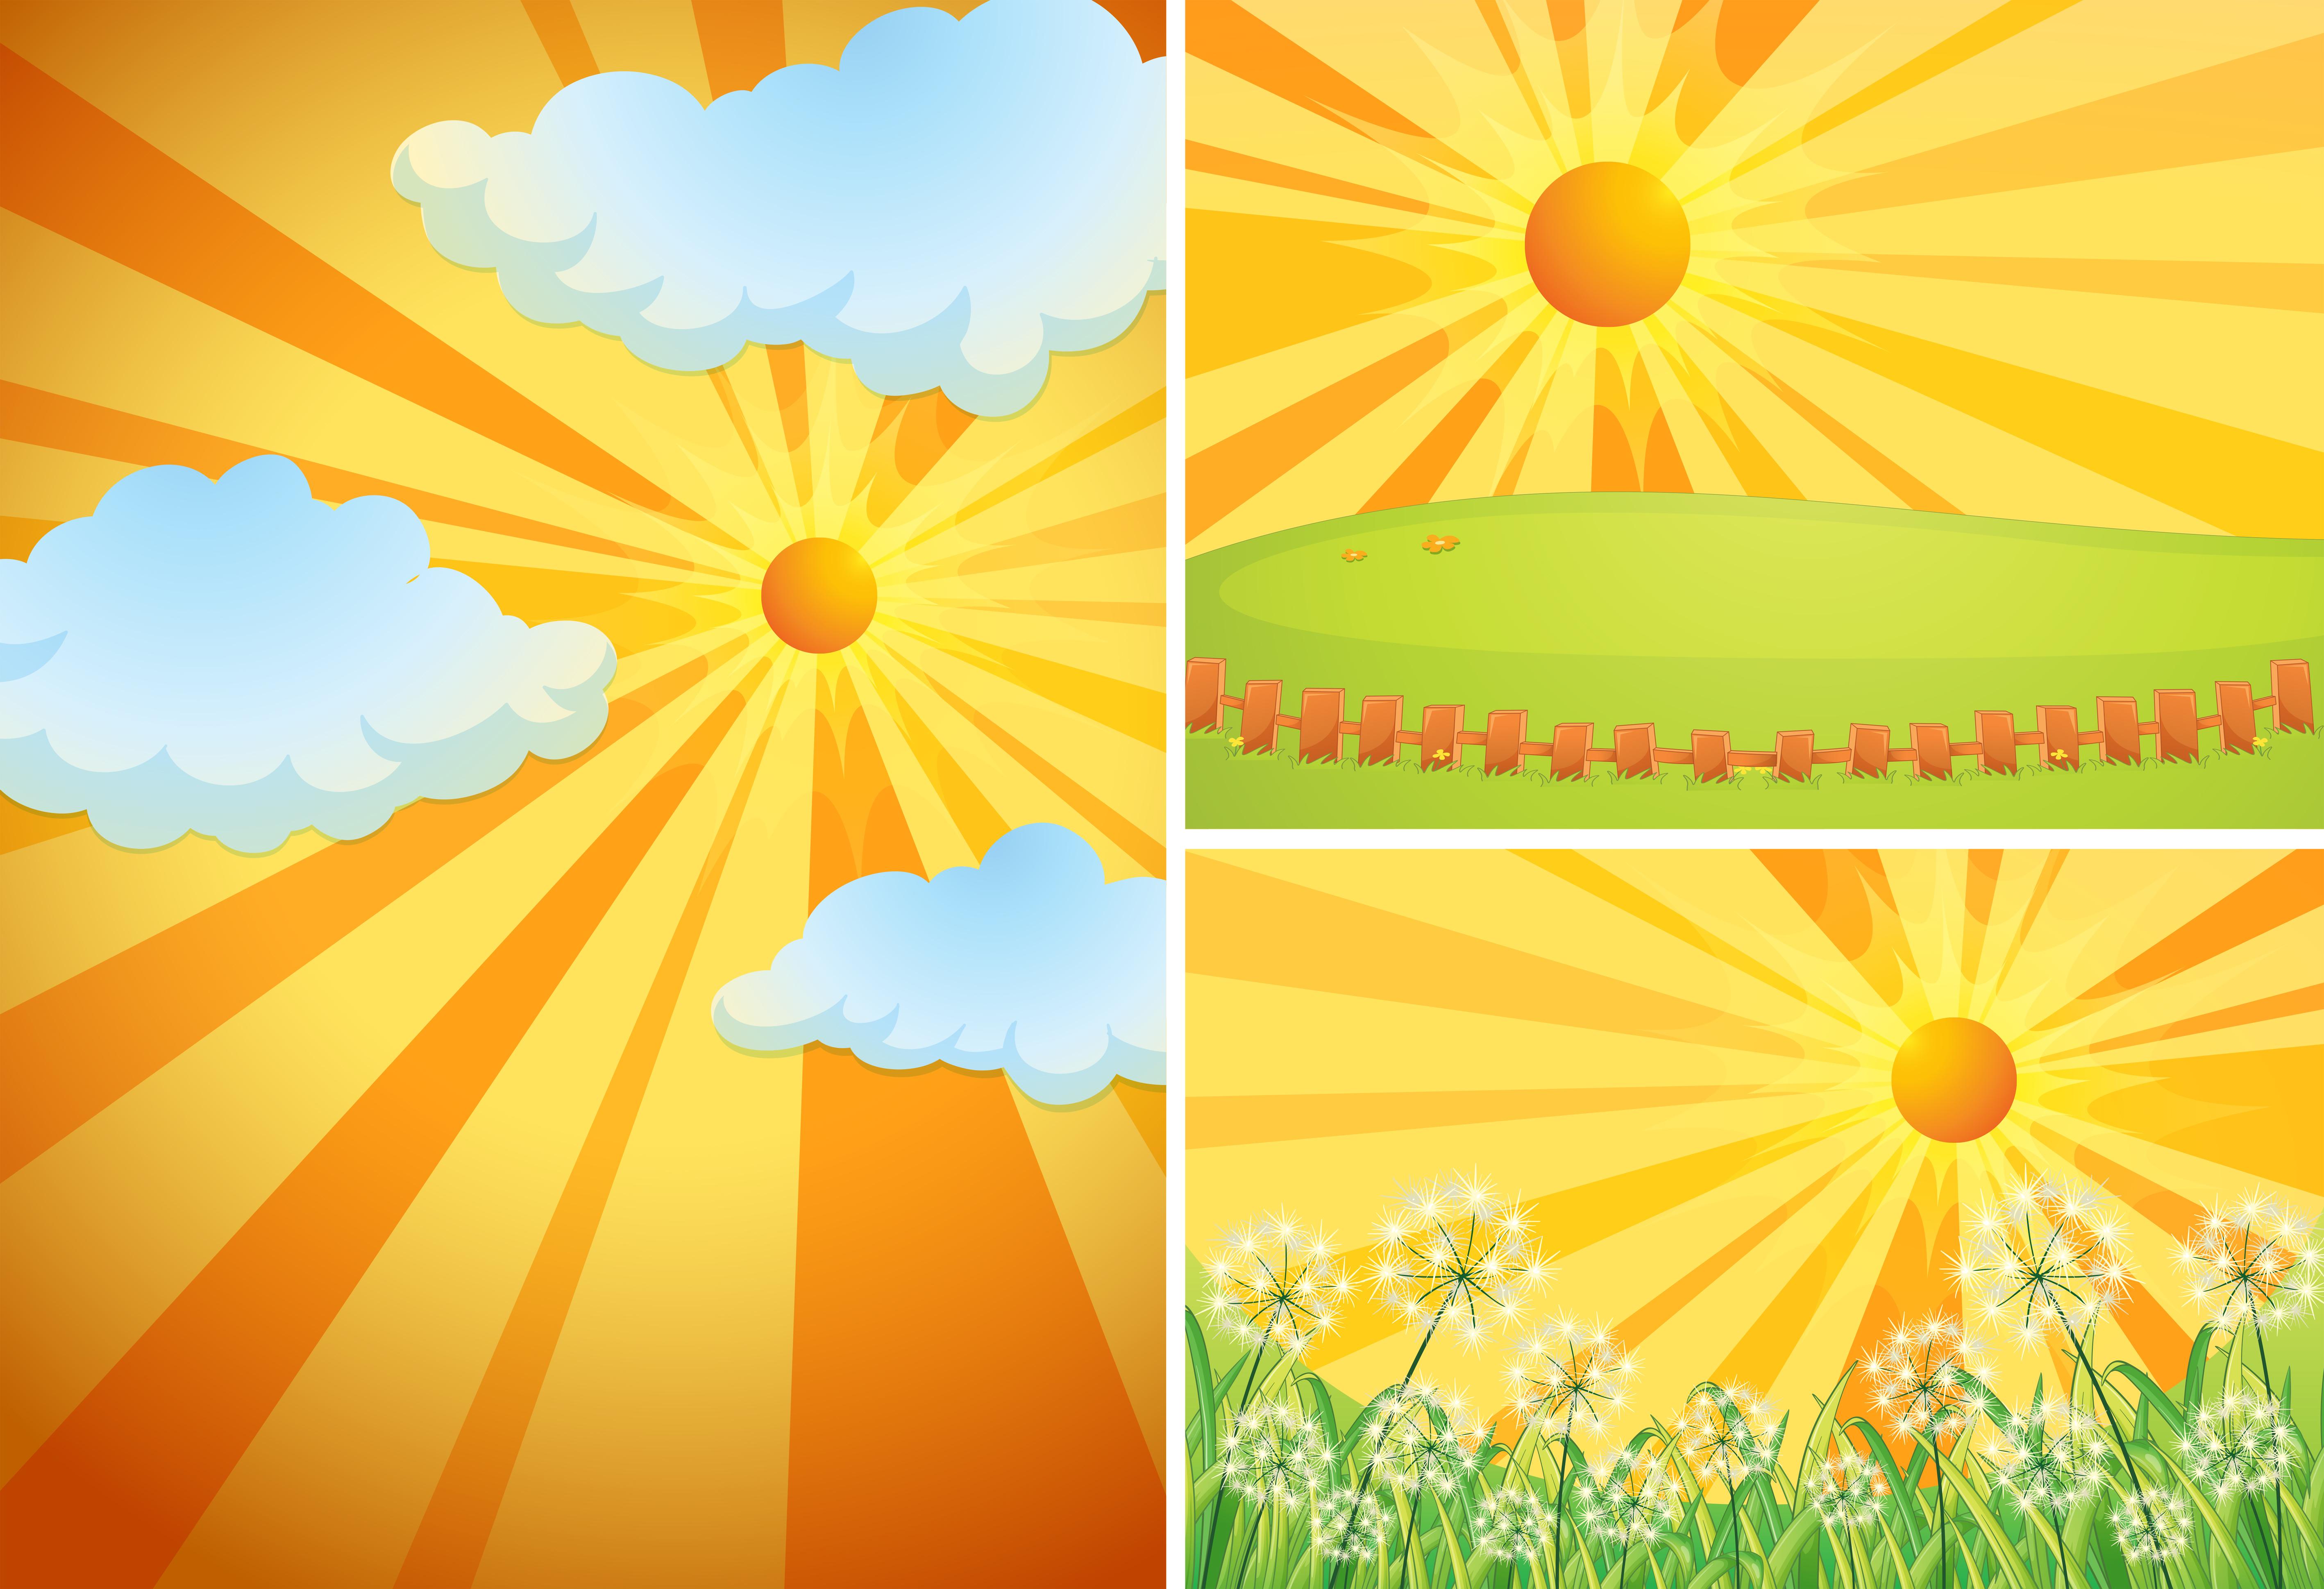 太陽q版 免費下載 | 天天瘋後製